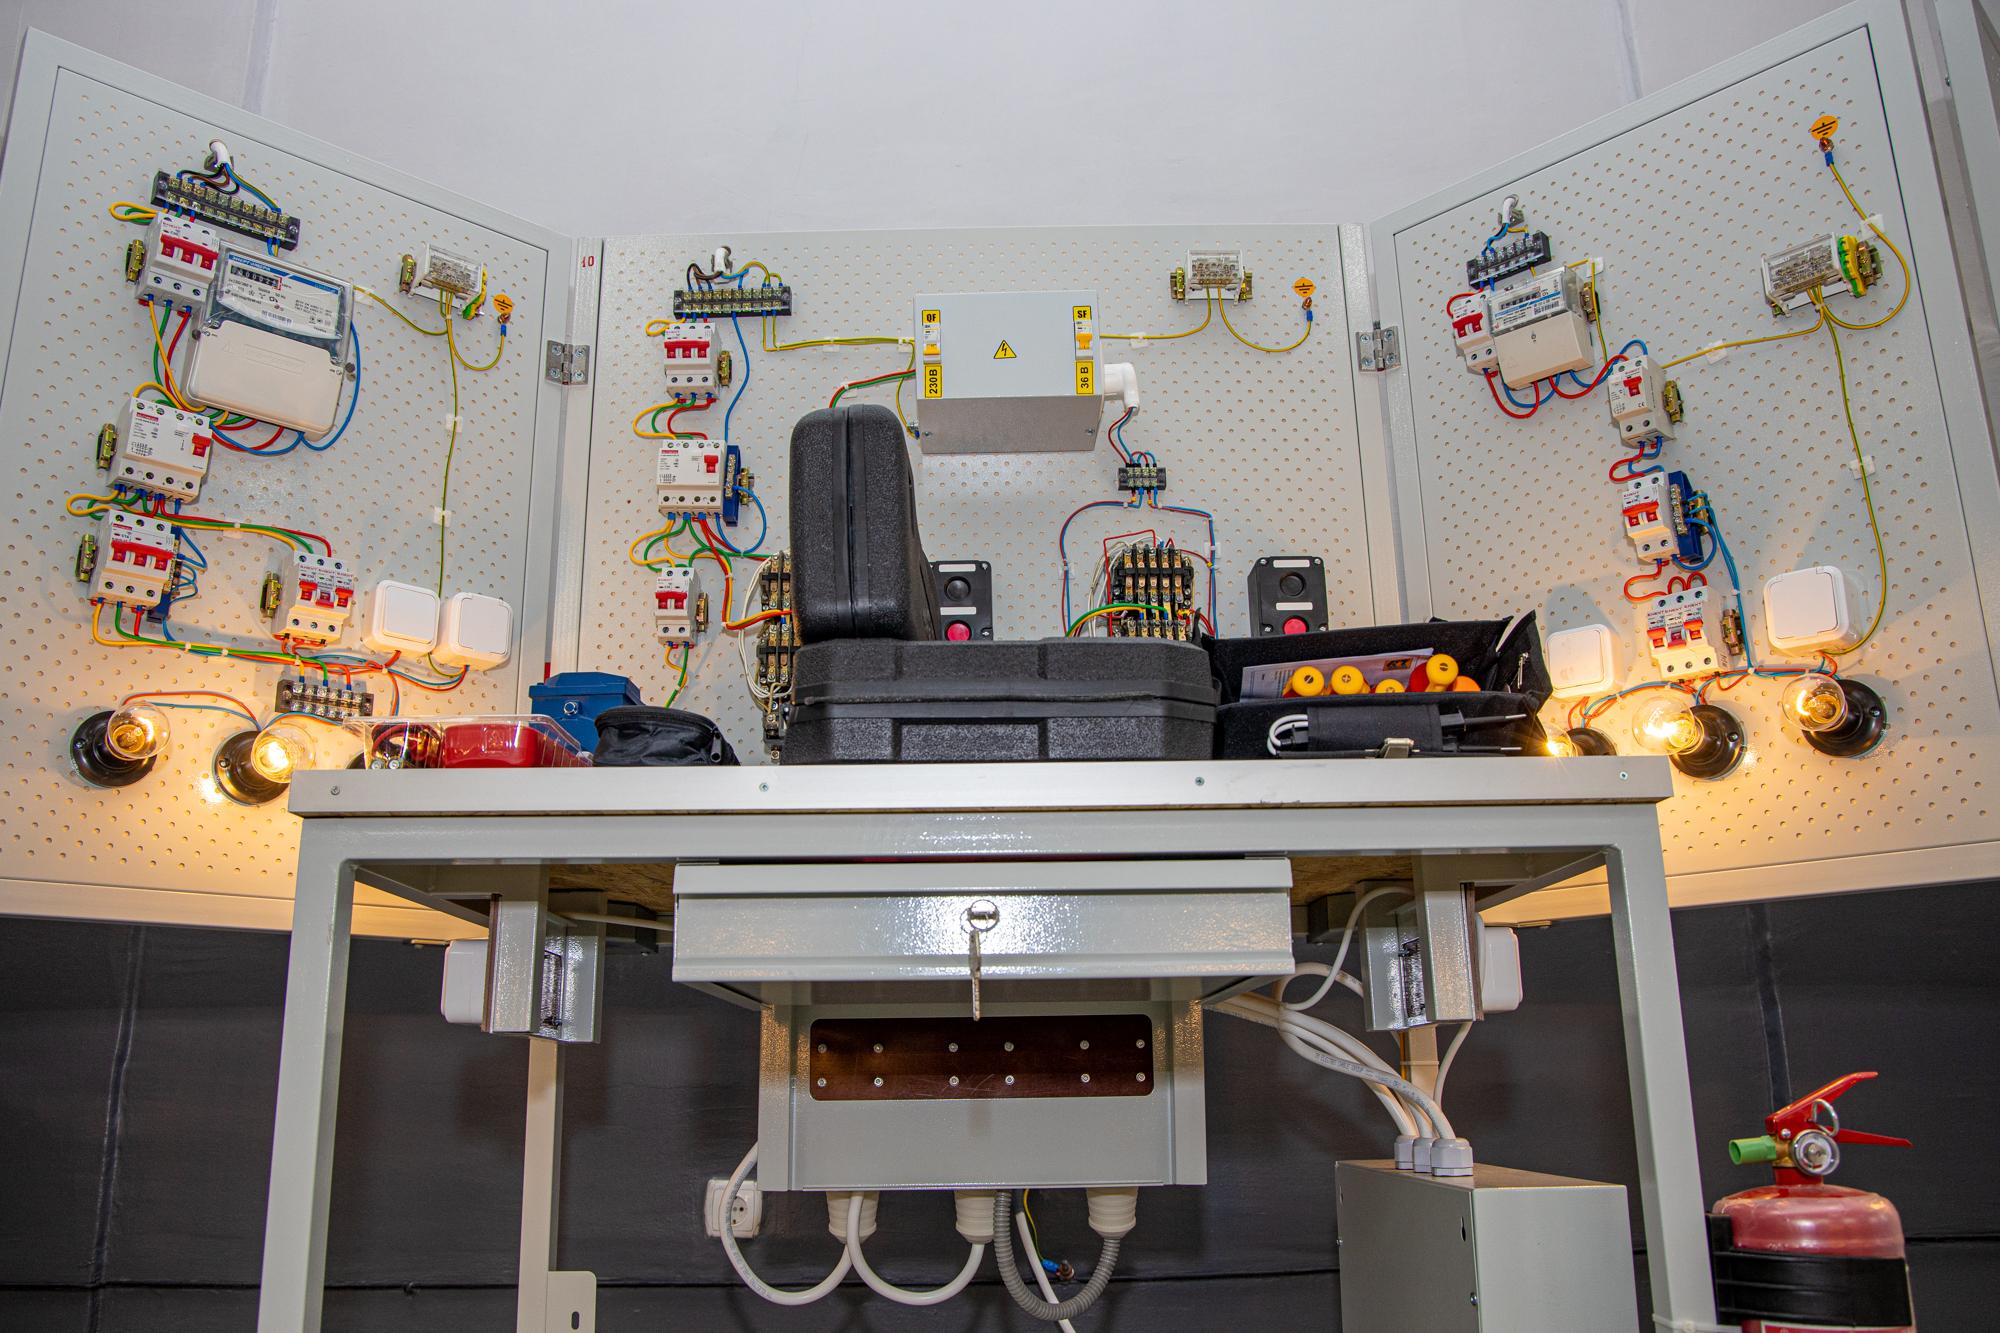 Макети імітують схеми електричного живлення квартири, промислового приміщення, електроприводу двигуна